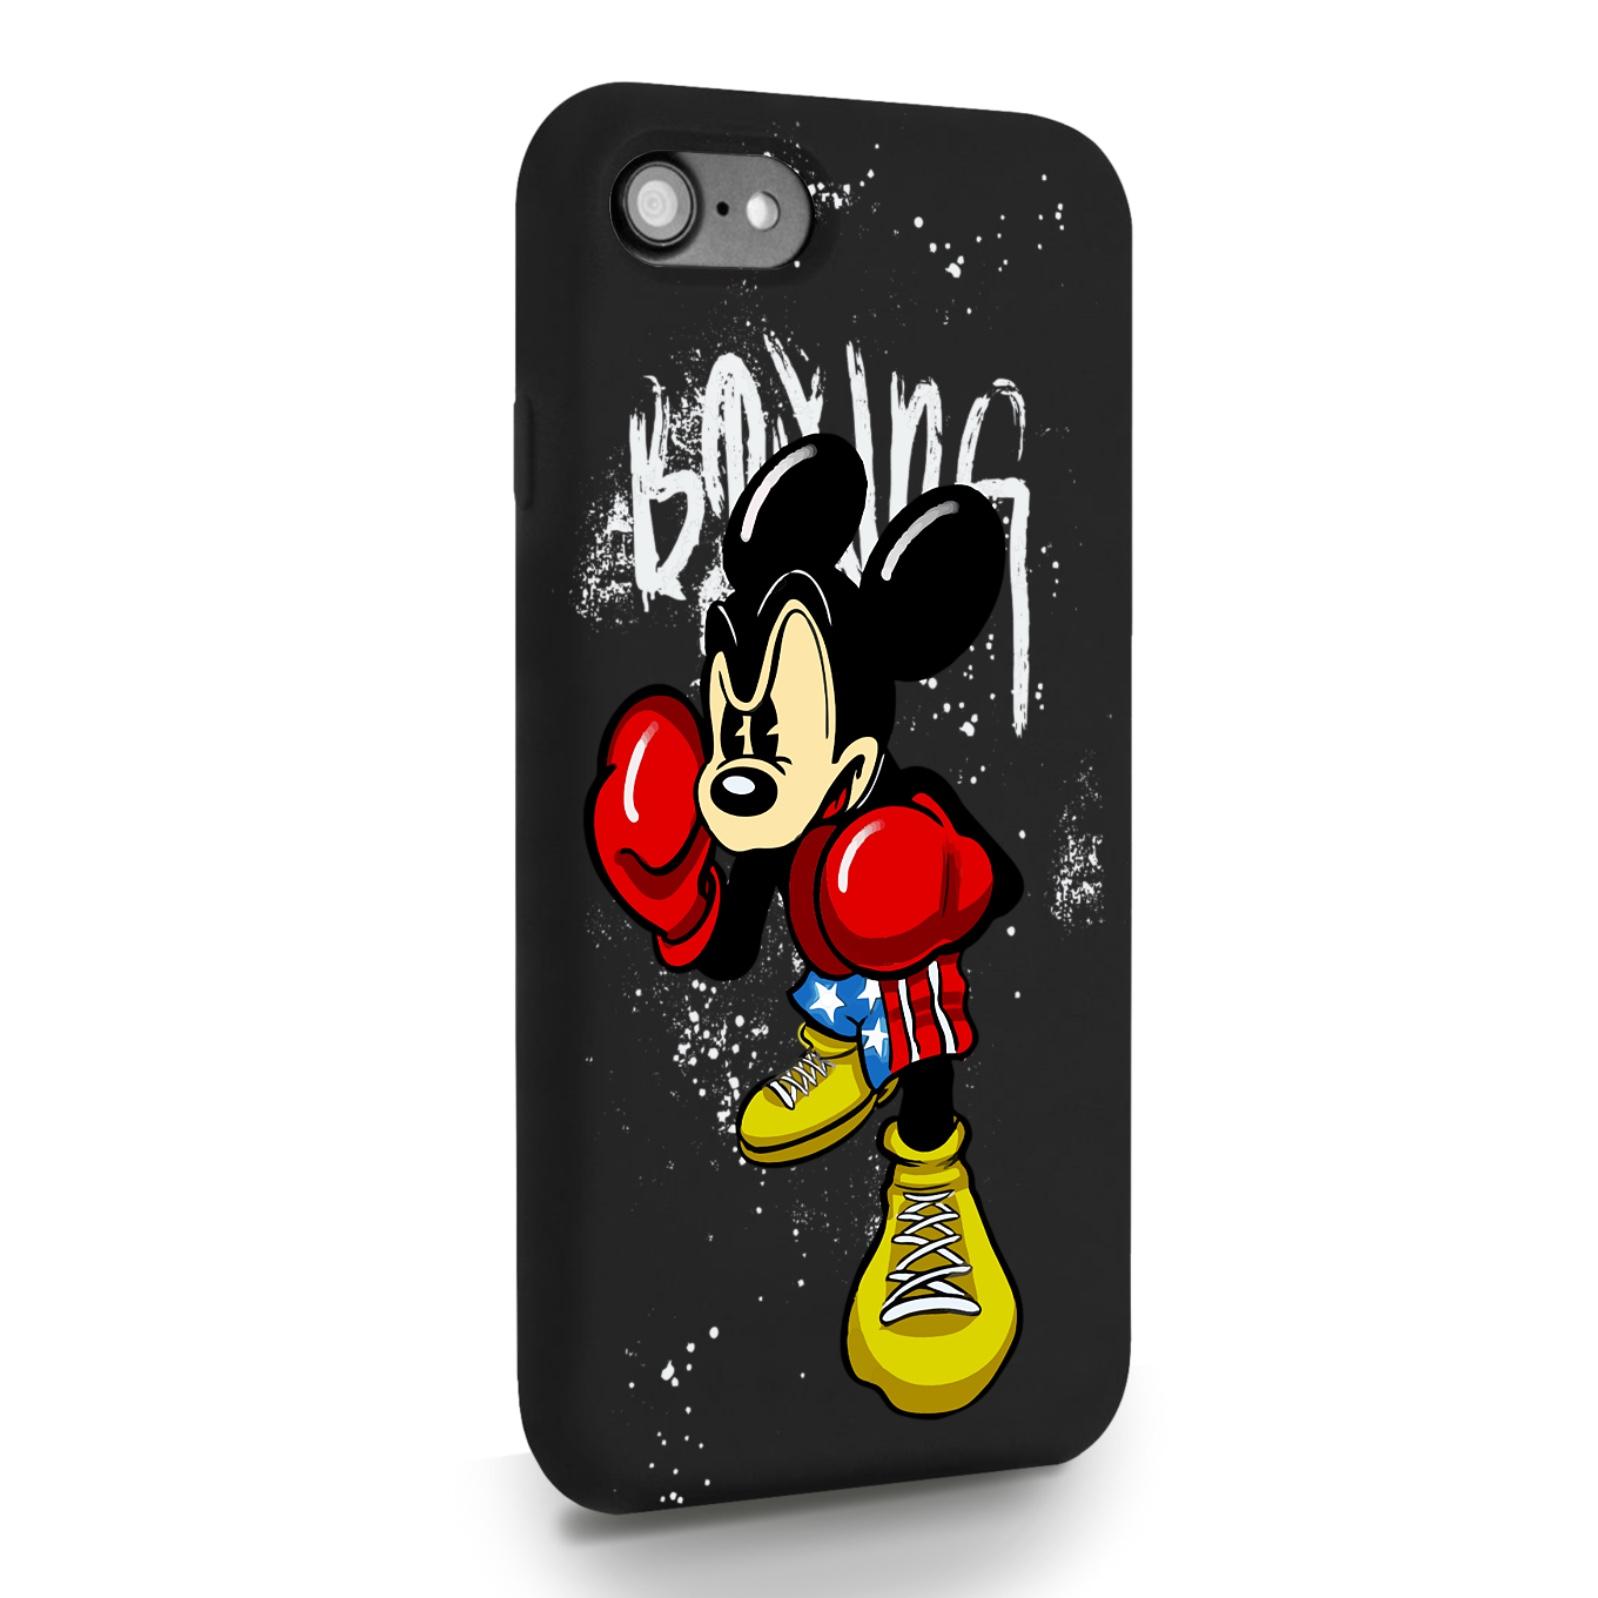 Черный силиконовый чехол для iPhone 7/8/SE2020 Мышонок Боксер для Айфон 7/8/СЕ2020